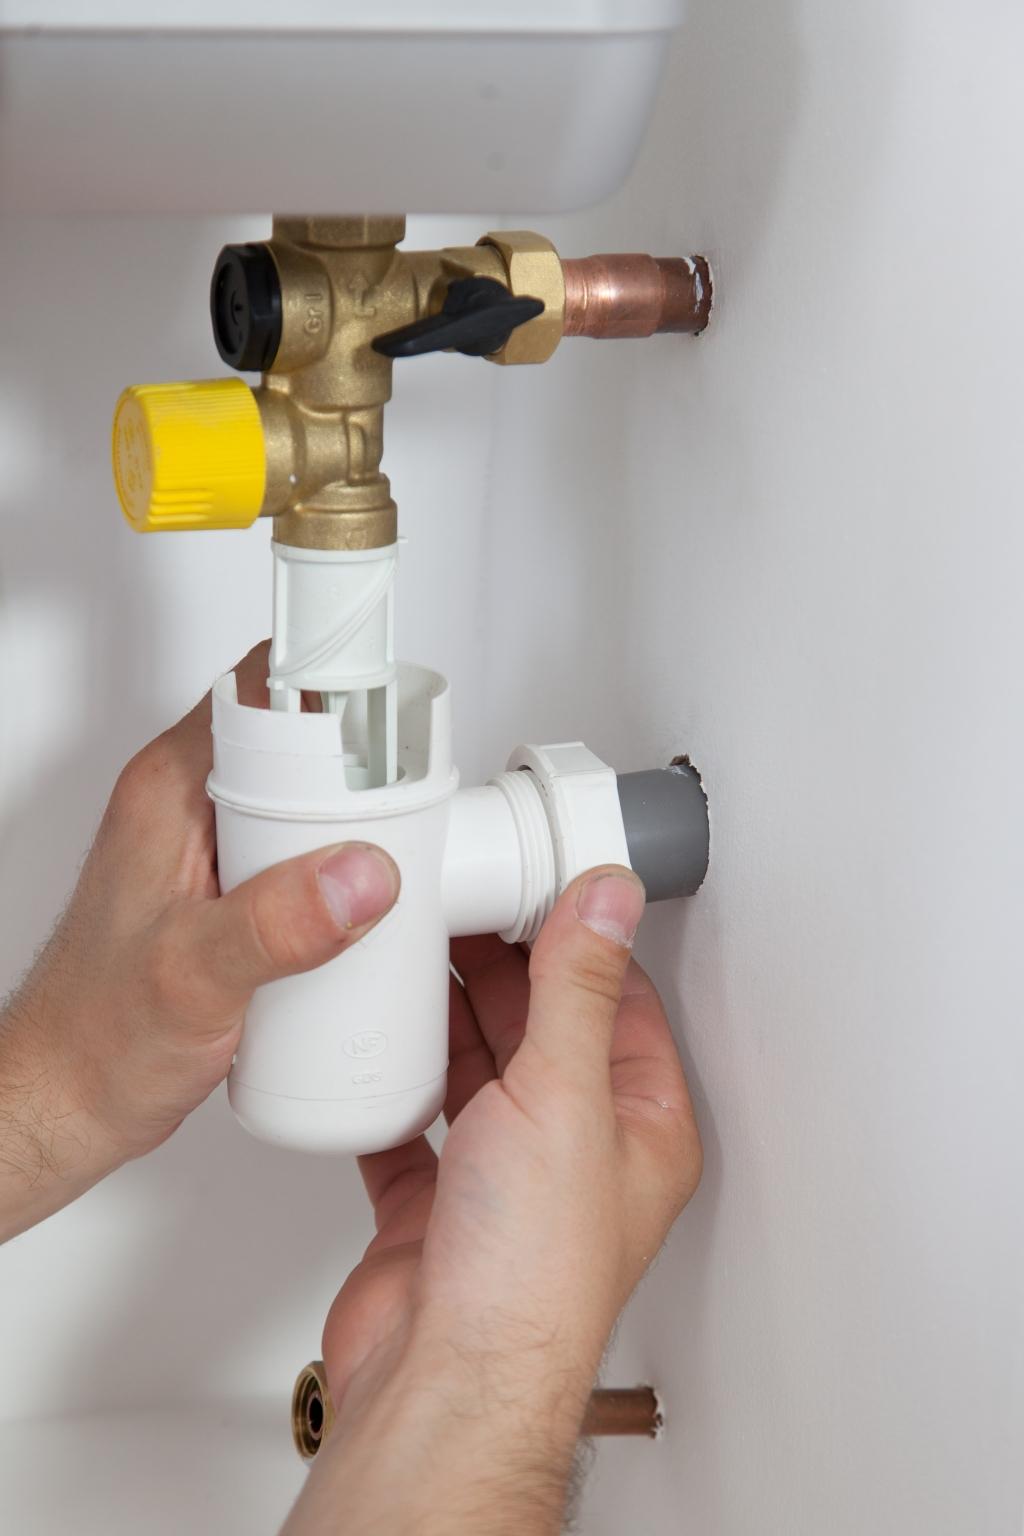 Comment poser un chauffe eau - Étape 19